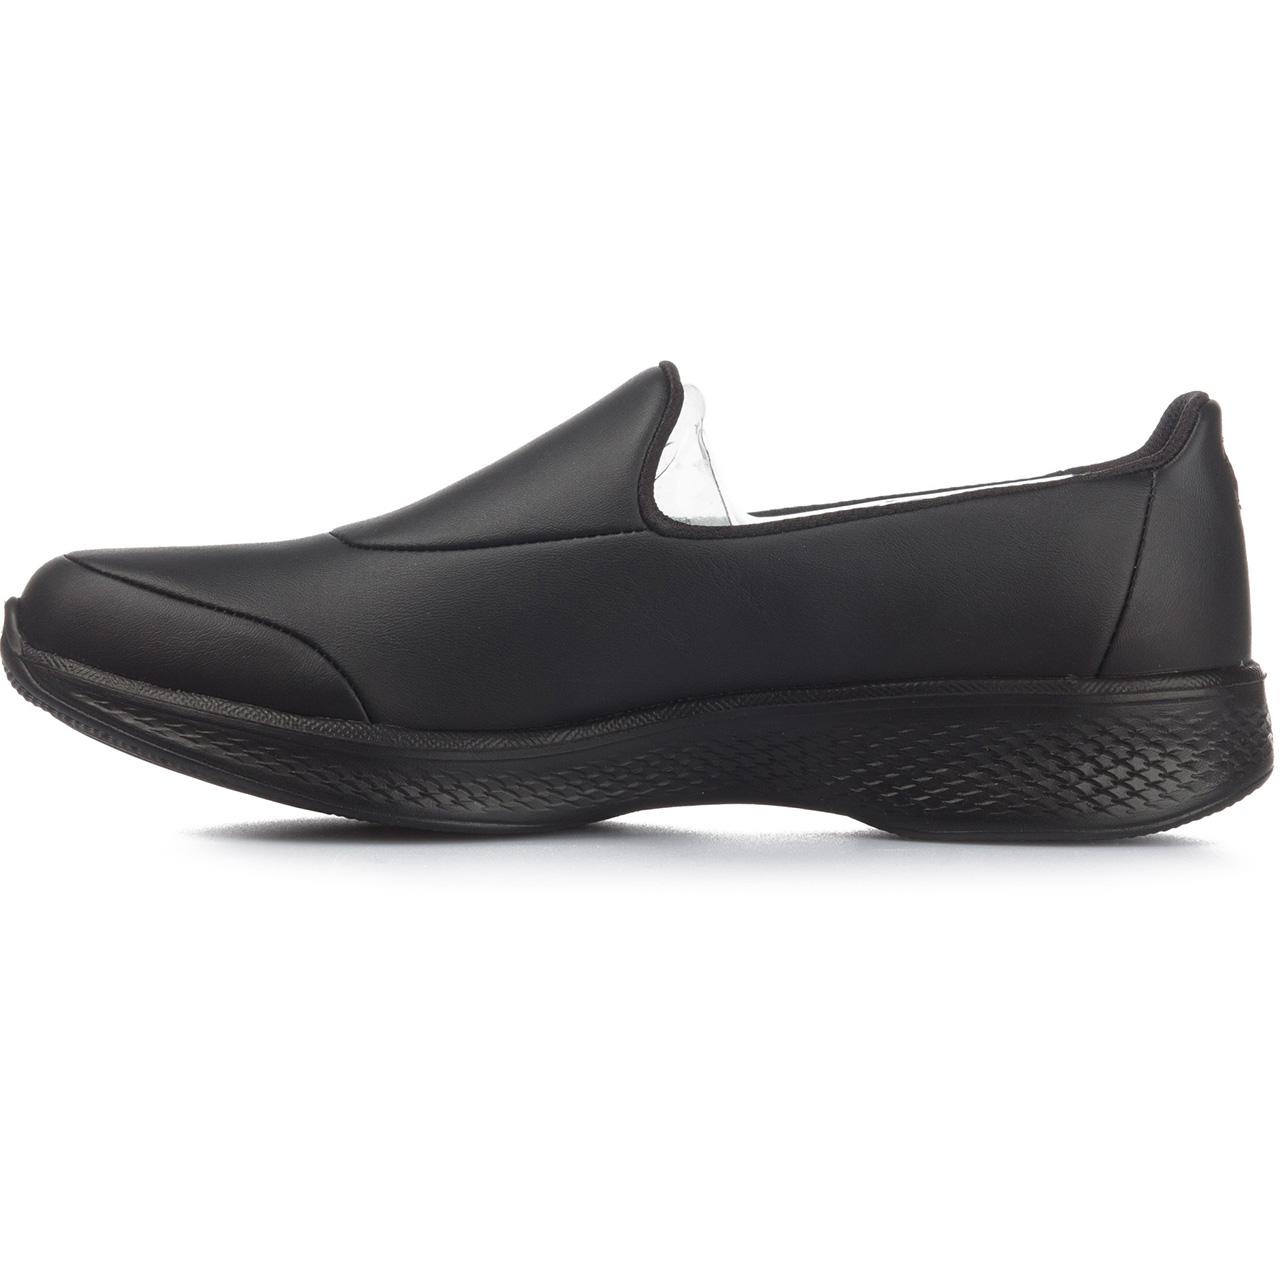 کفش مخصوص پیاده روی زنانه اسکچرز مدل Go Walk 4 کد 14911-BBK